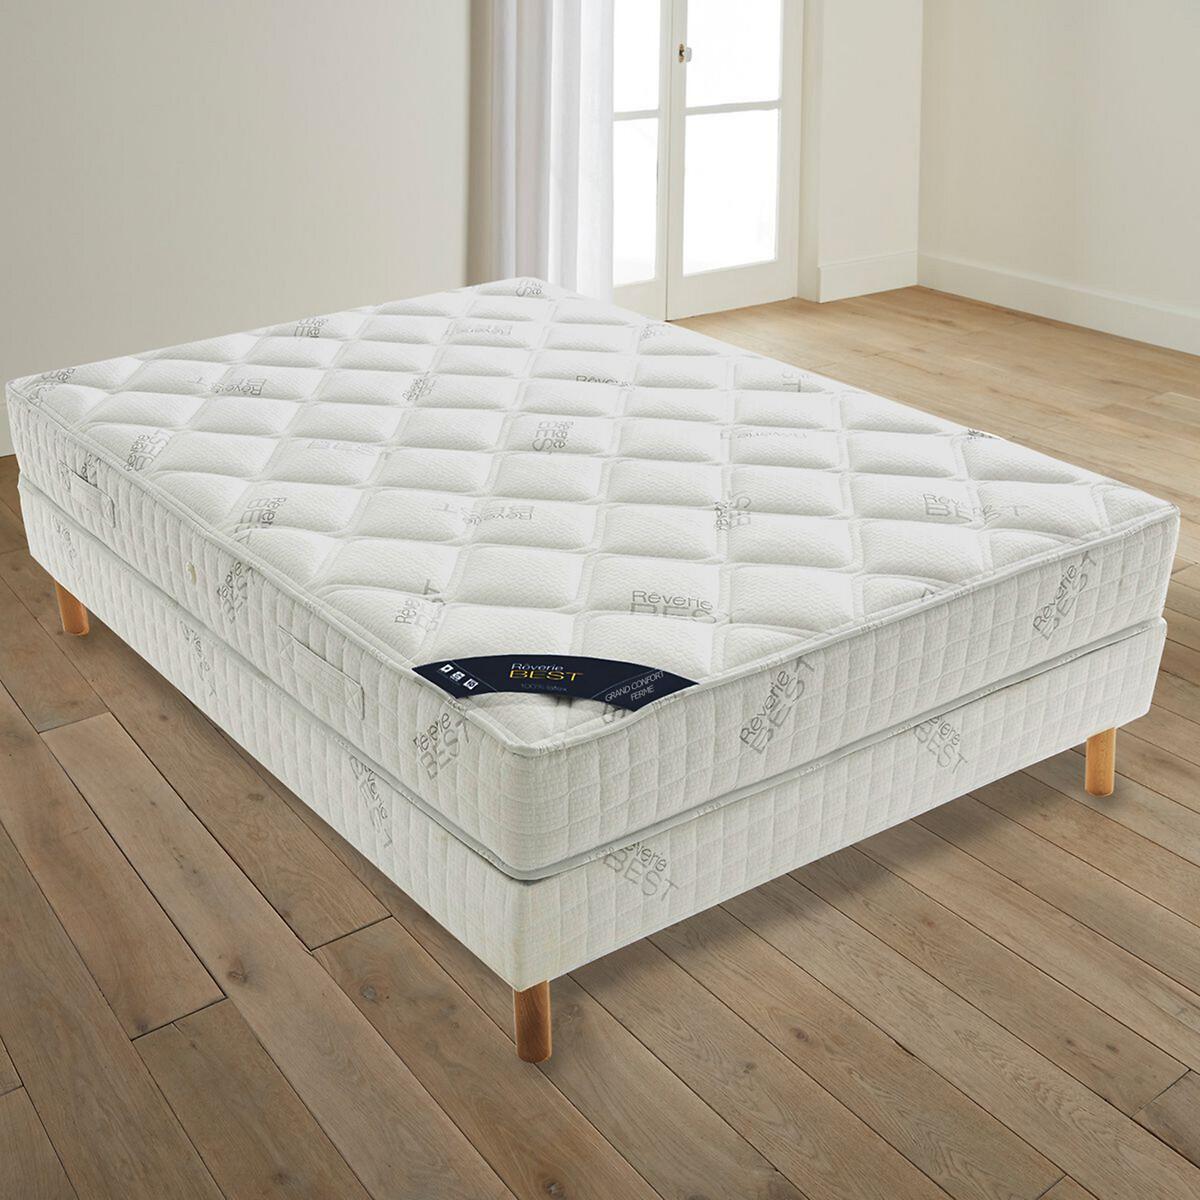 Матрас LaRedoute Best latex упругий повышенного комфорта 90 x 190 см белый кровать laredoute двухъярусная pilha 90 x 190 см белый